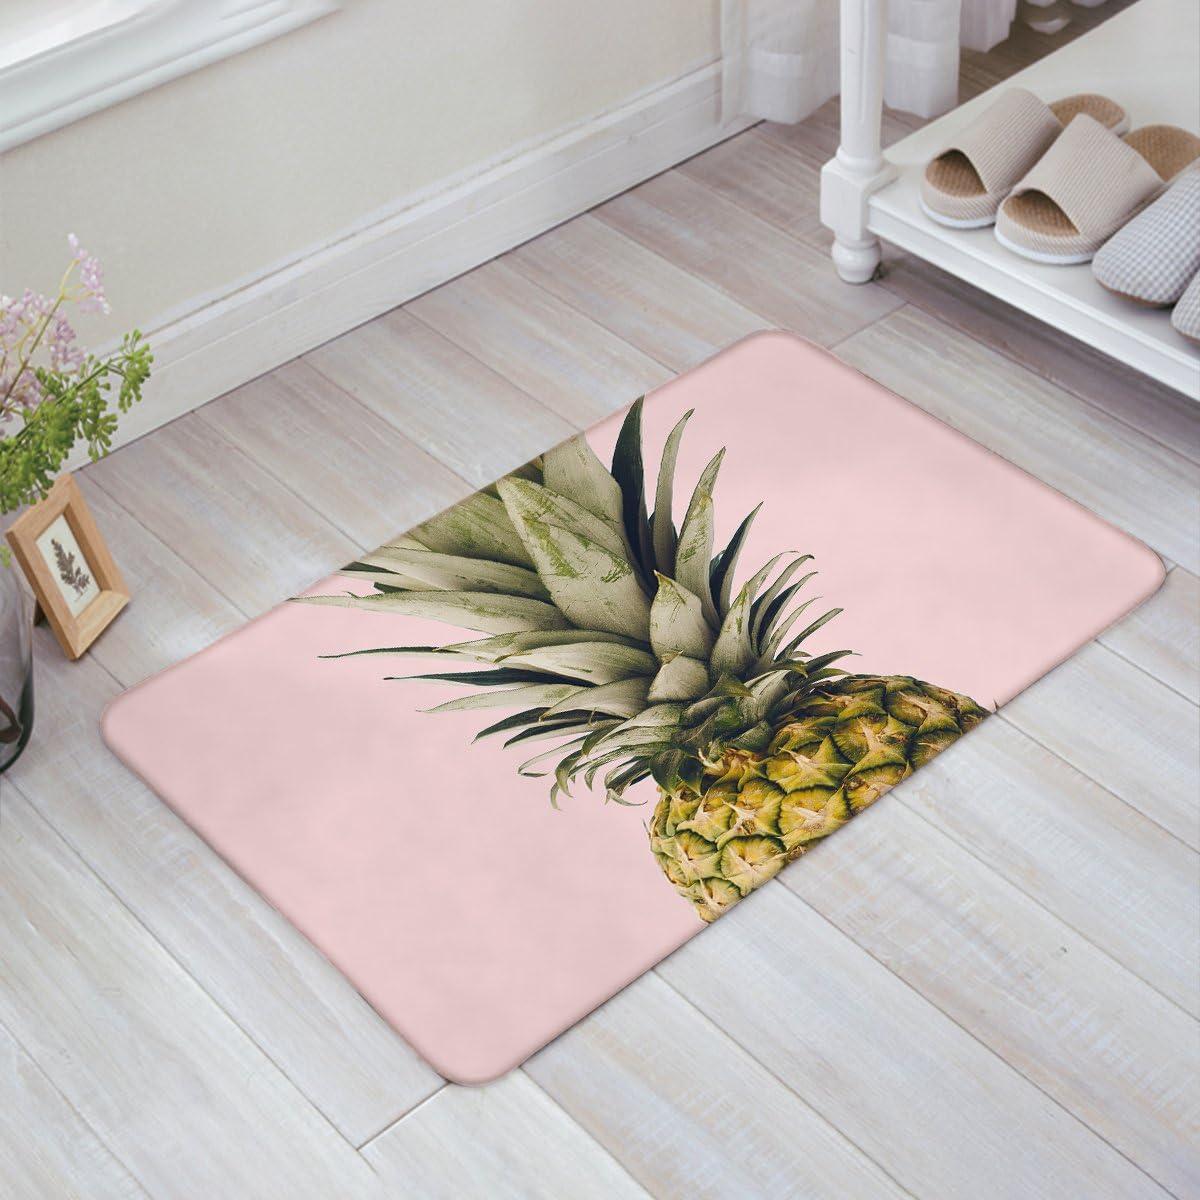 HomeCreator Pineapple Pink Door Mats Kitchen Floor Bath Entrance Rug Mat Absorbent Indoor Bathroom Decor Doormats Rubber Non Slip 32 x 20